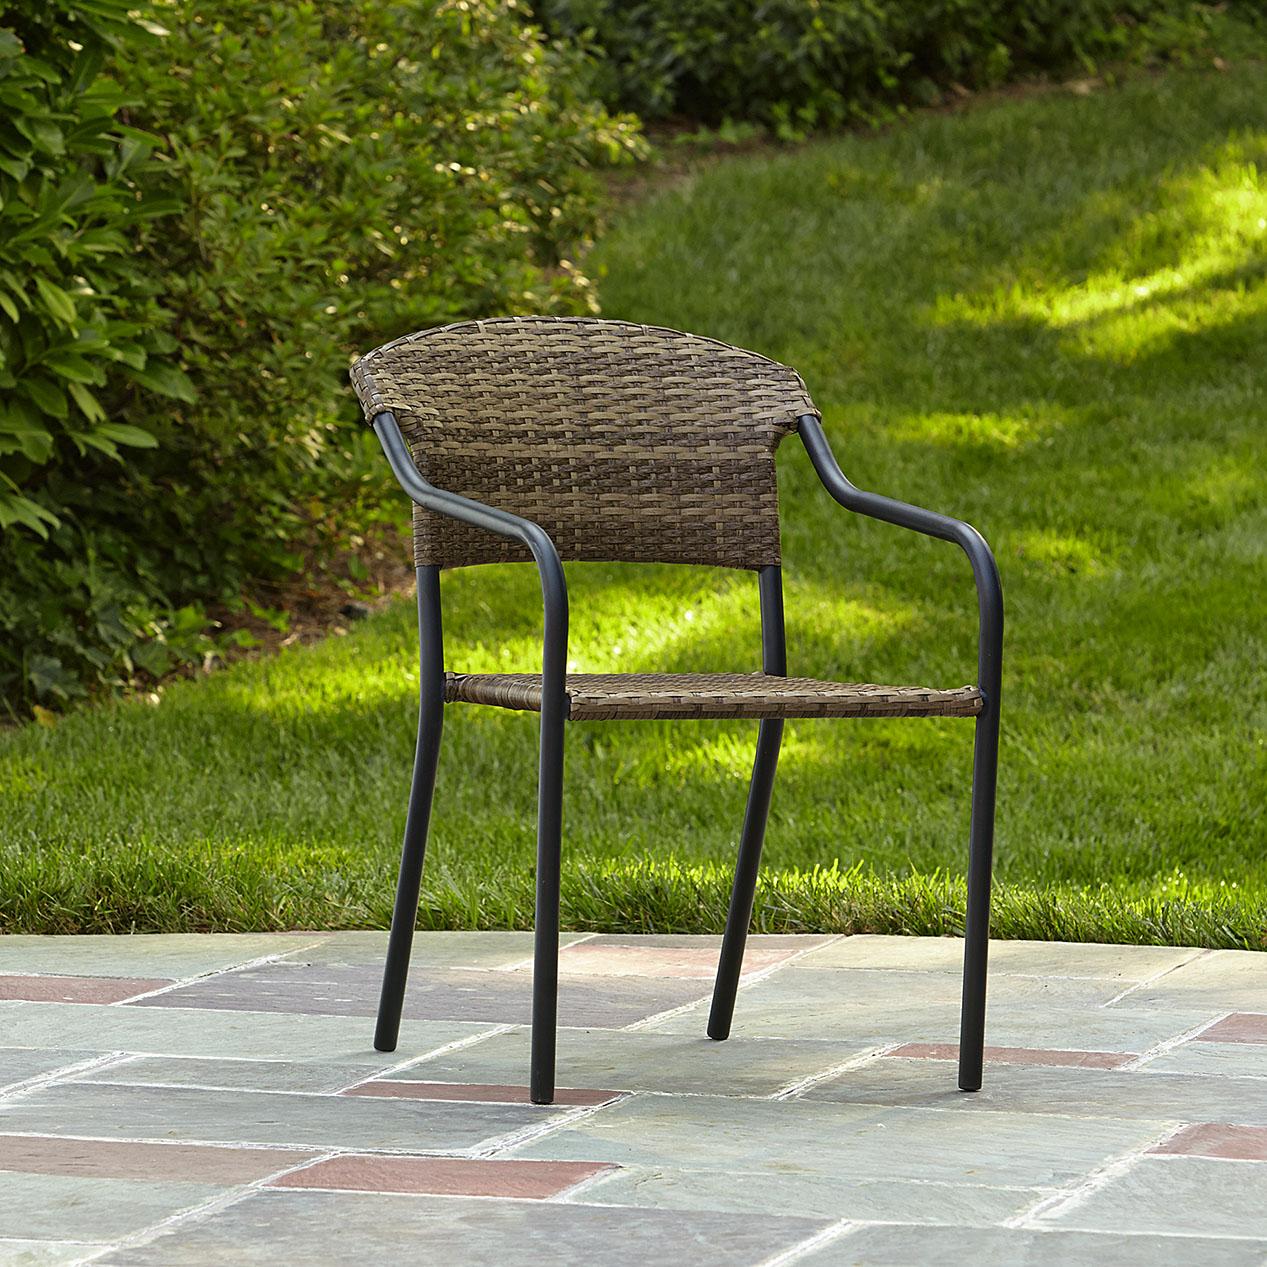 Kmart Lawn Furniture: Essential Garden Steel Stack Wicker Chair